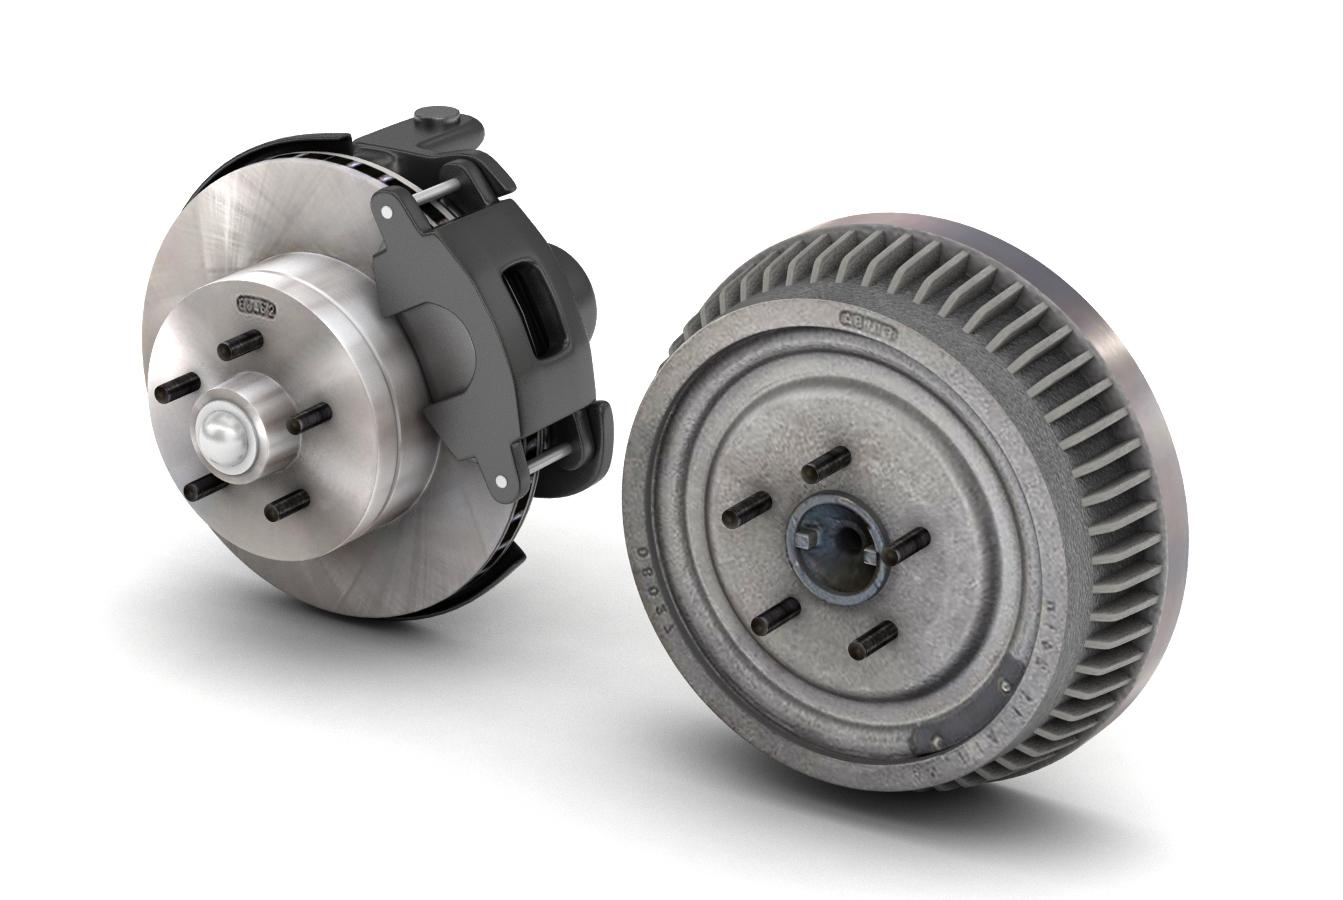 Vehicle Parts 3D Models | FlatPyramid.com